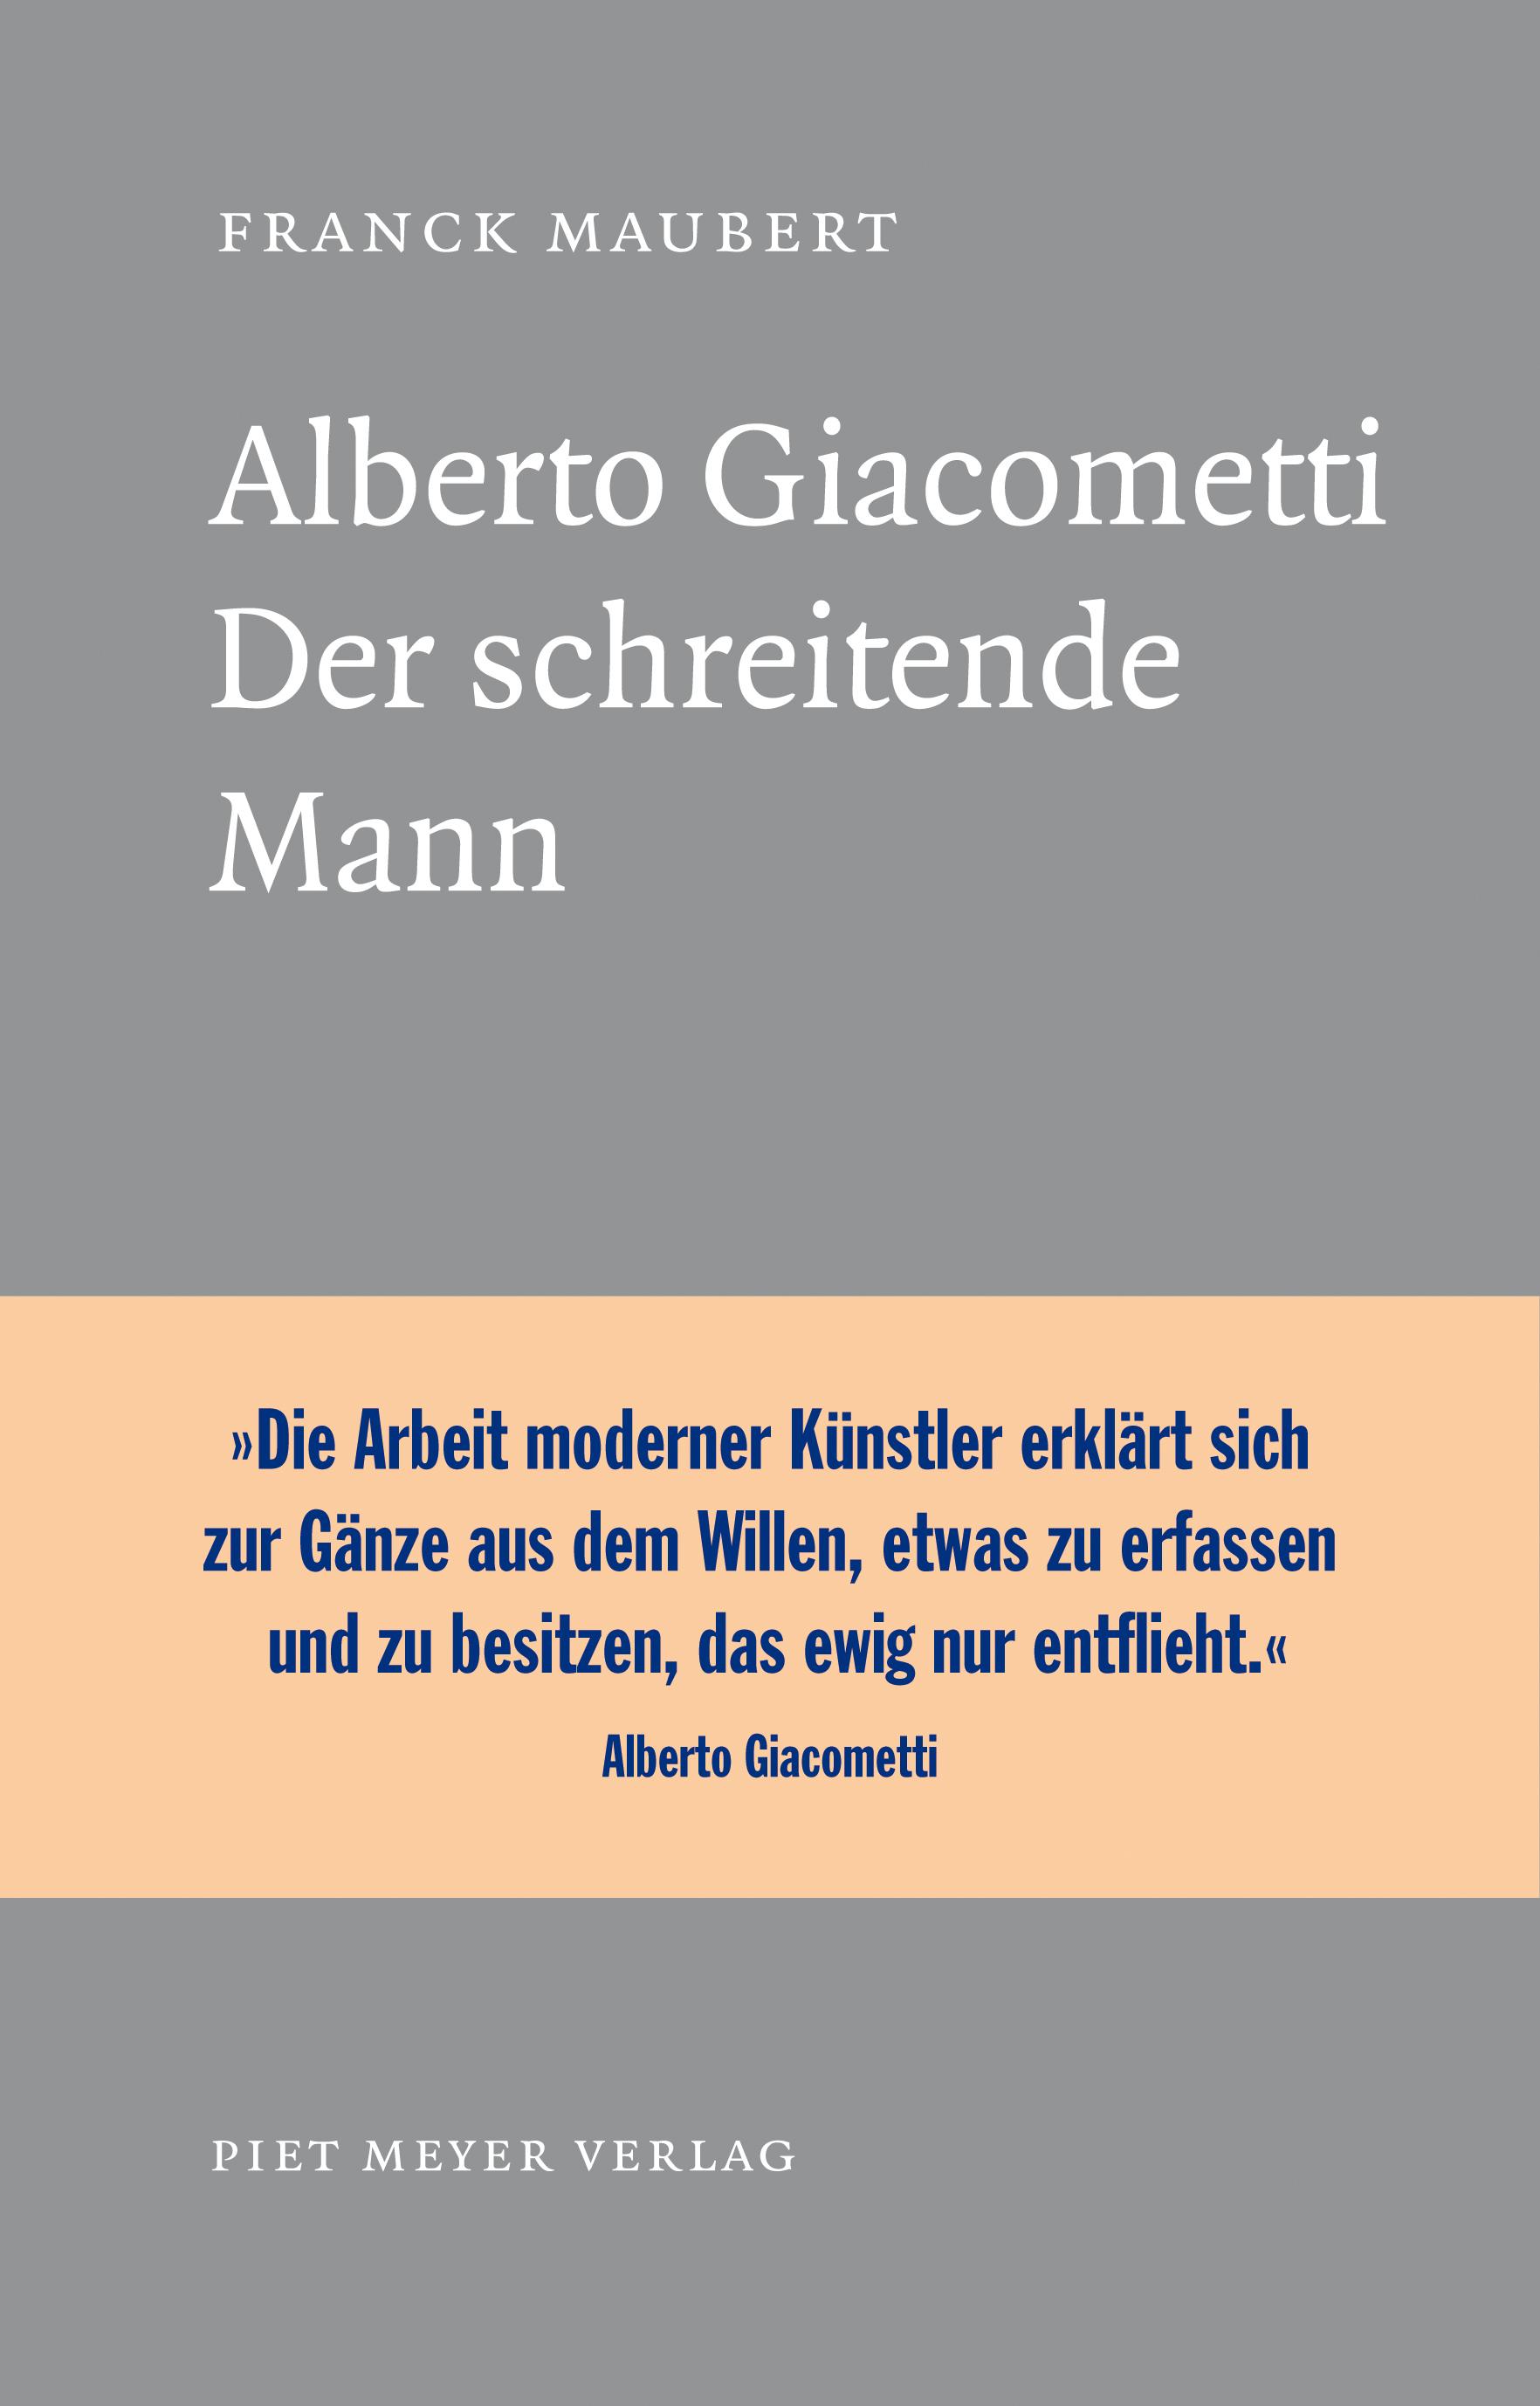 Pietmeyer Verlag - Nicht So Kleine Bibliothek